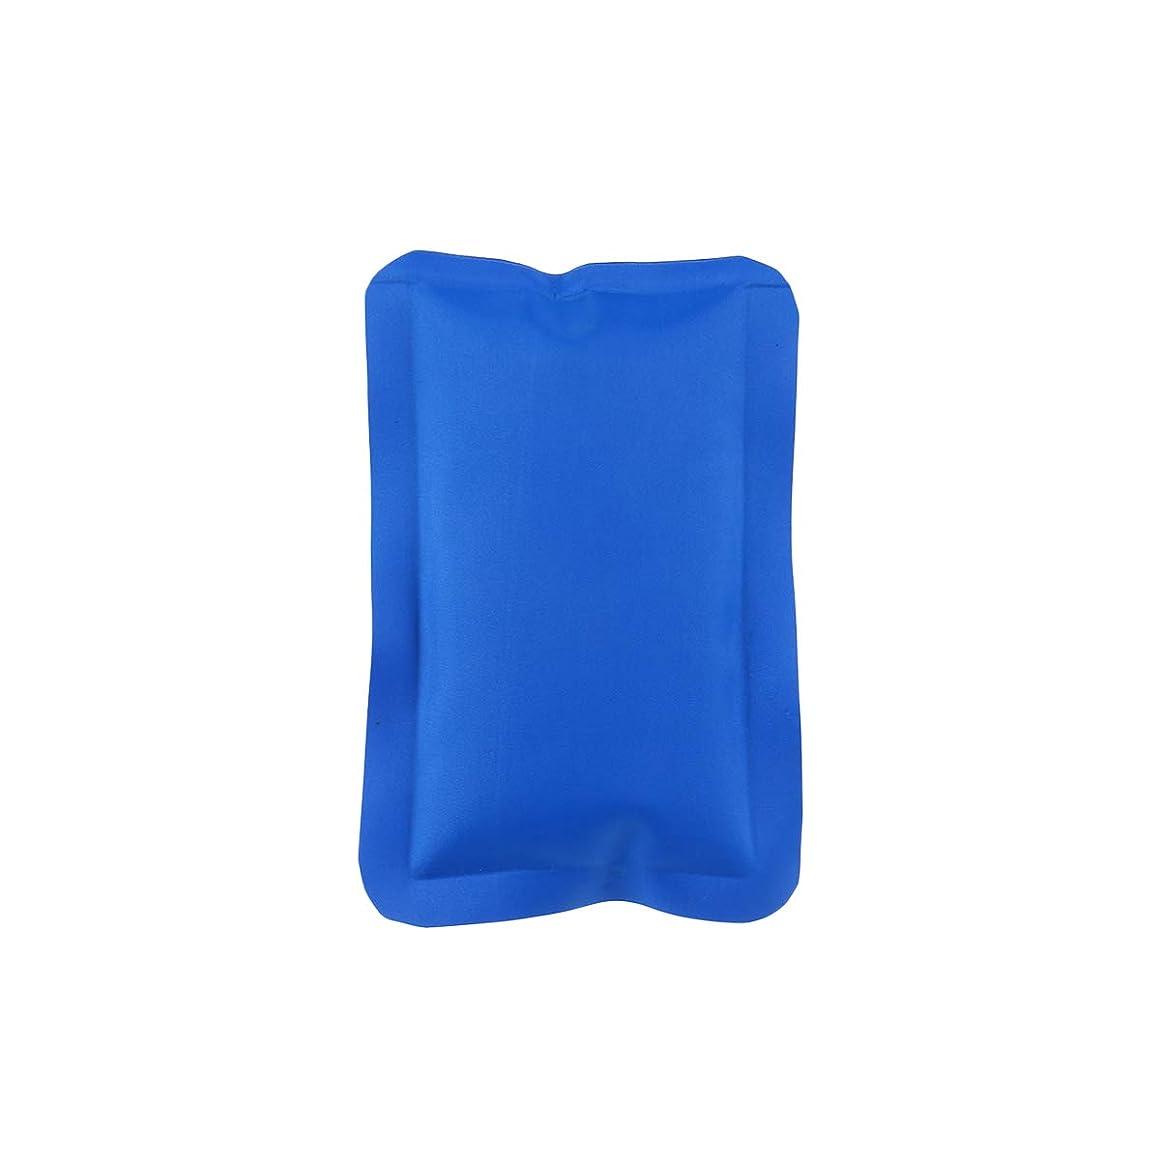 請求書白内障ストロークHEALLILY 150ML再利用可能なホット&コールドジェルパック(コンプレッションラップスポーツ傷害)ジェルアイスパック多目的ヒートパック(マッスルリリーフ用、16x10x1cm、ブルー)